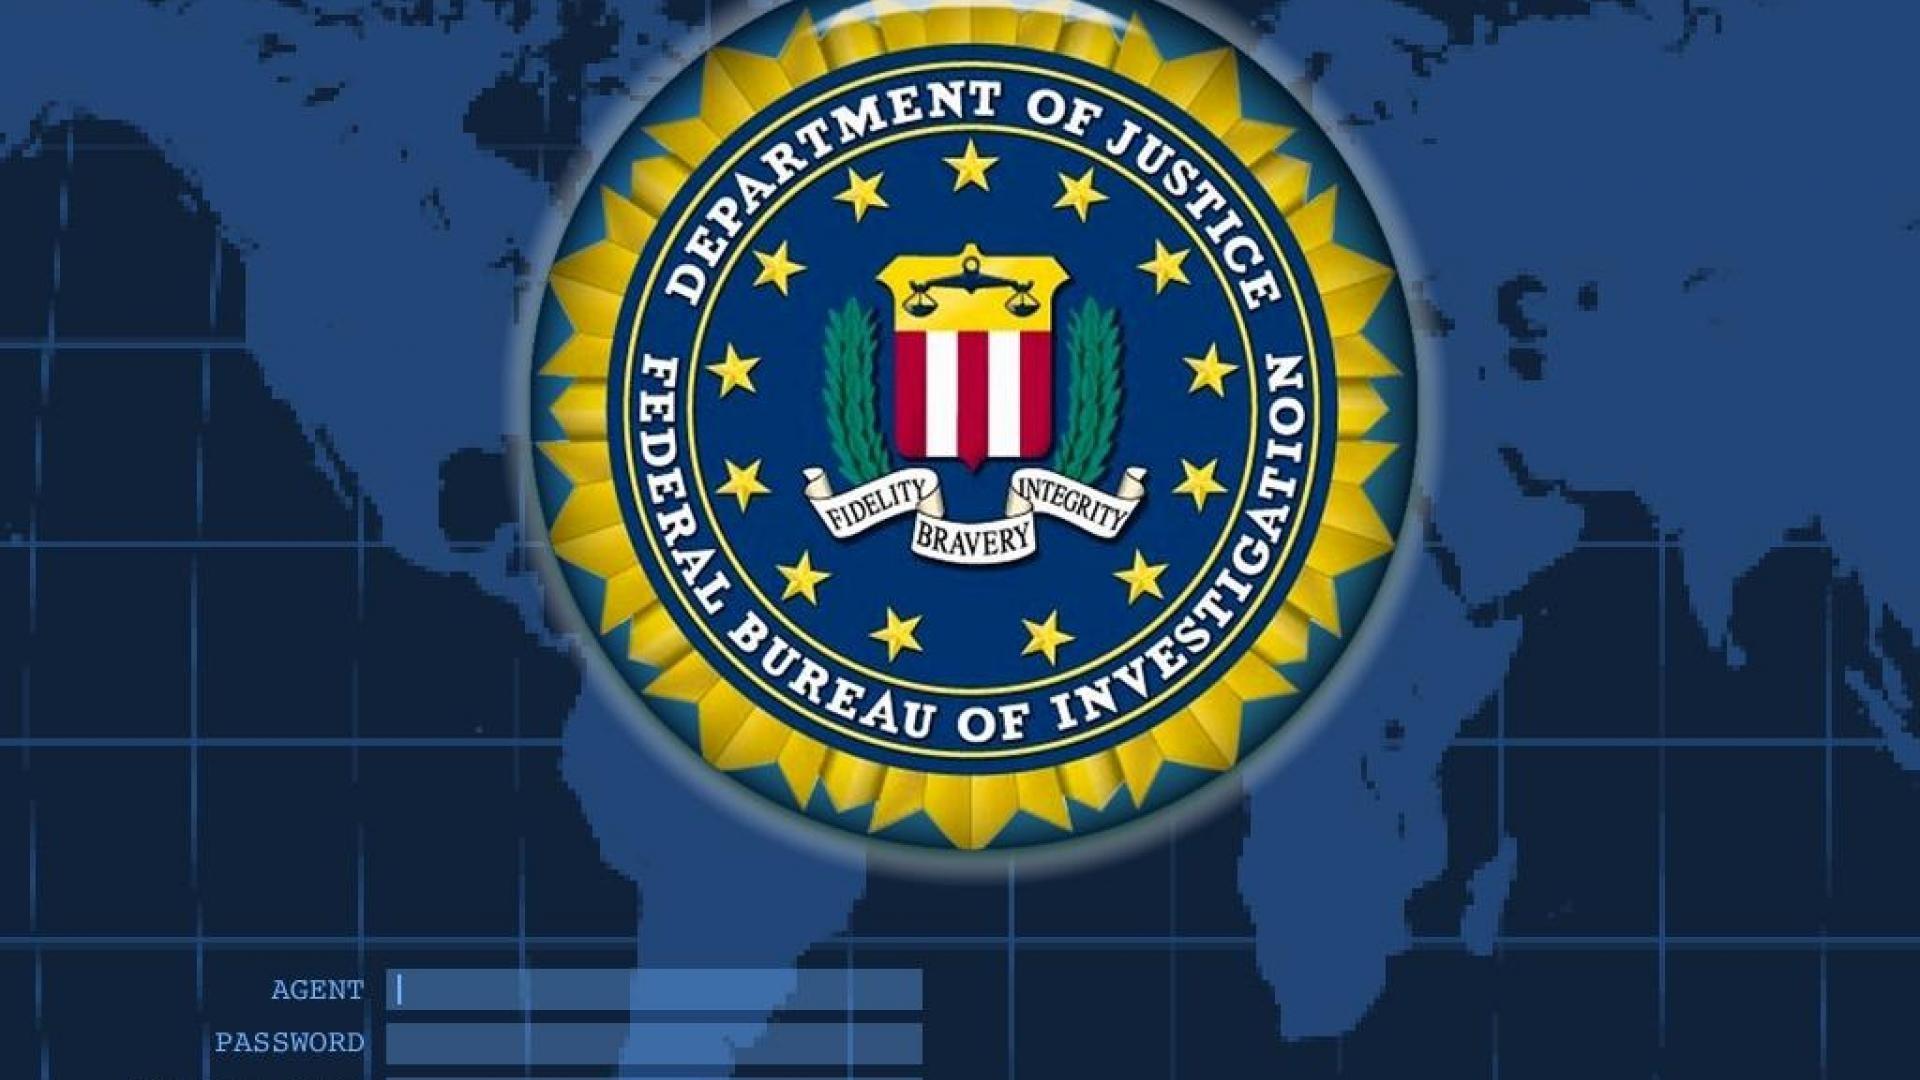 Police badge wallpaper 66 images - Fbi badge wallpaper ...